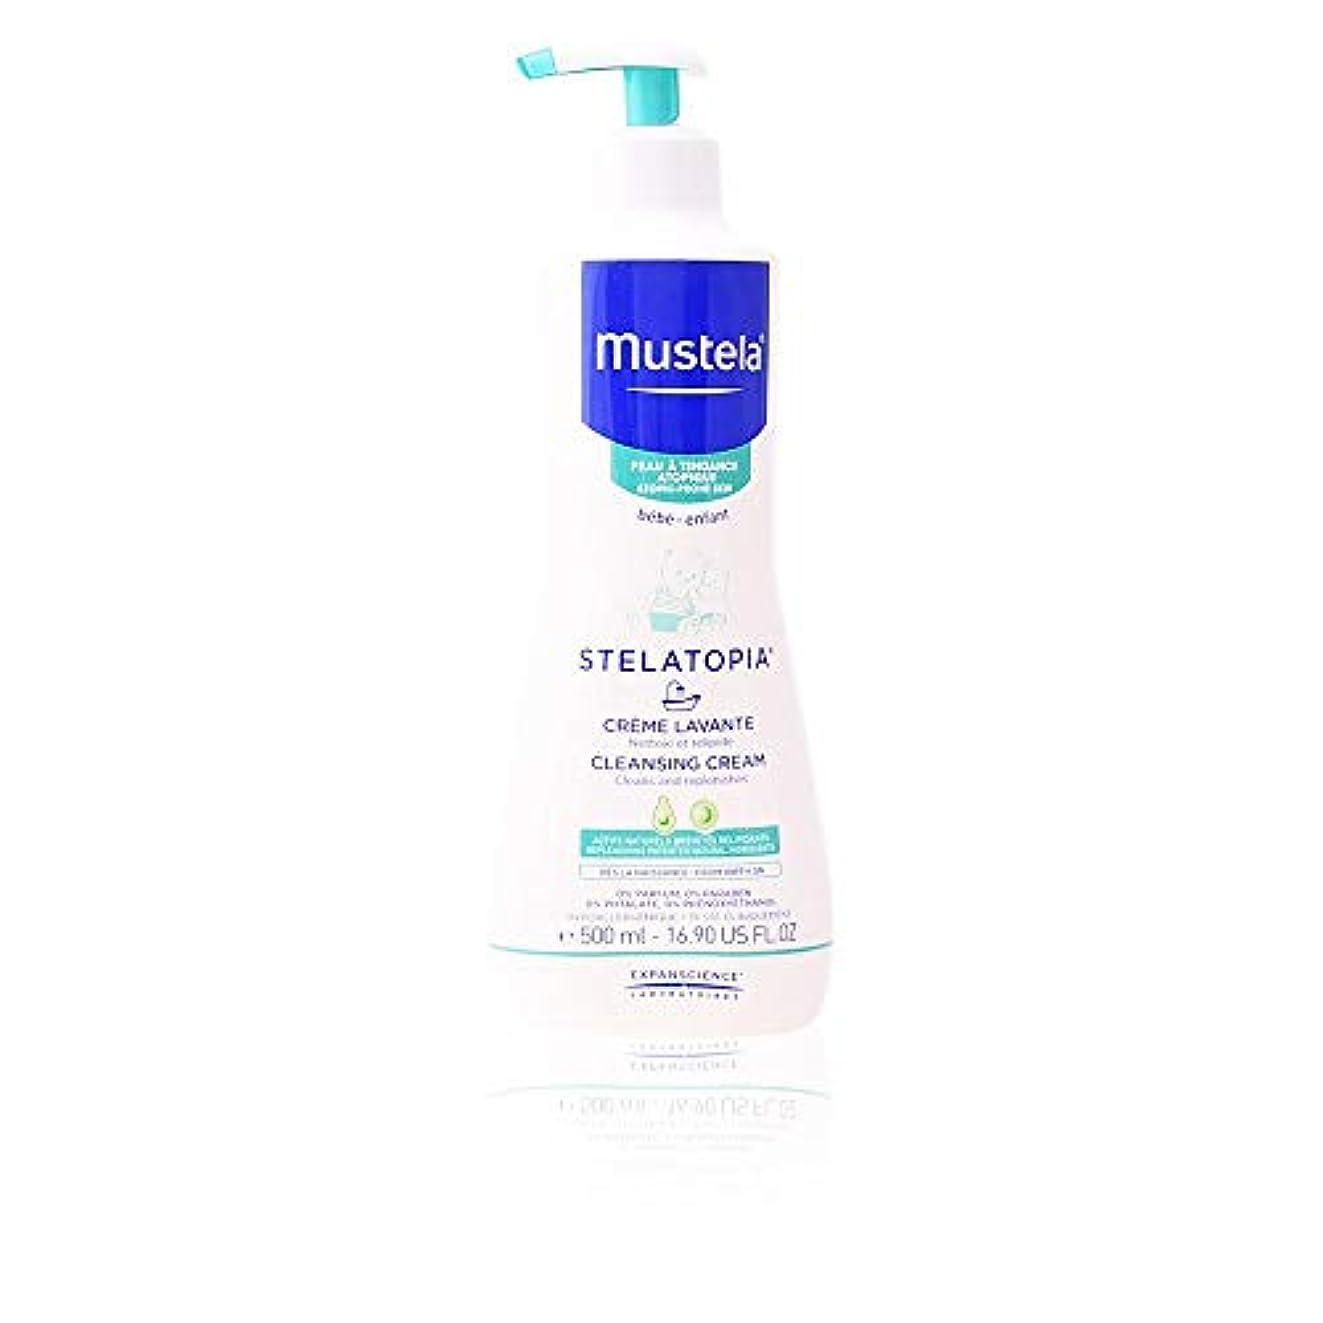 ムステラ Stelatopia Cleansing Cream - For Atopic-Prone Skin 500ml/16.9oz並行輸入品